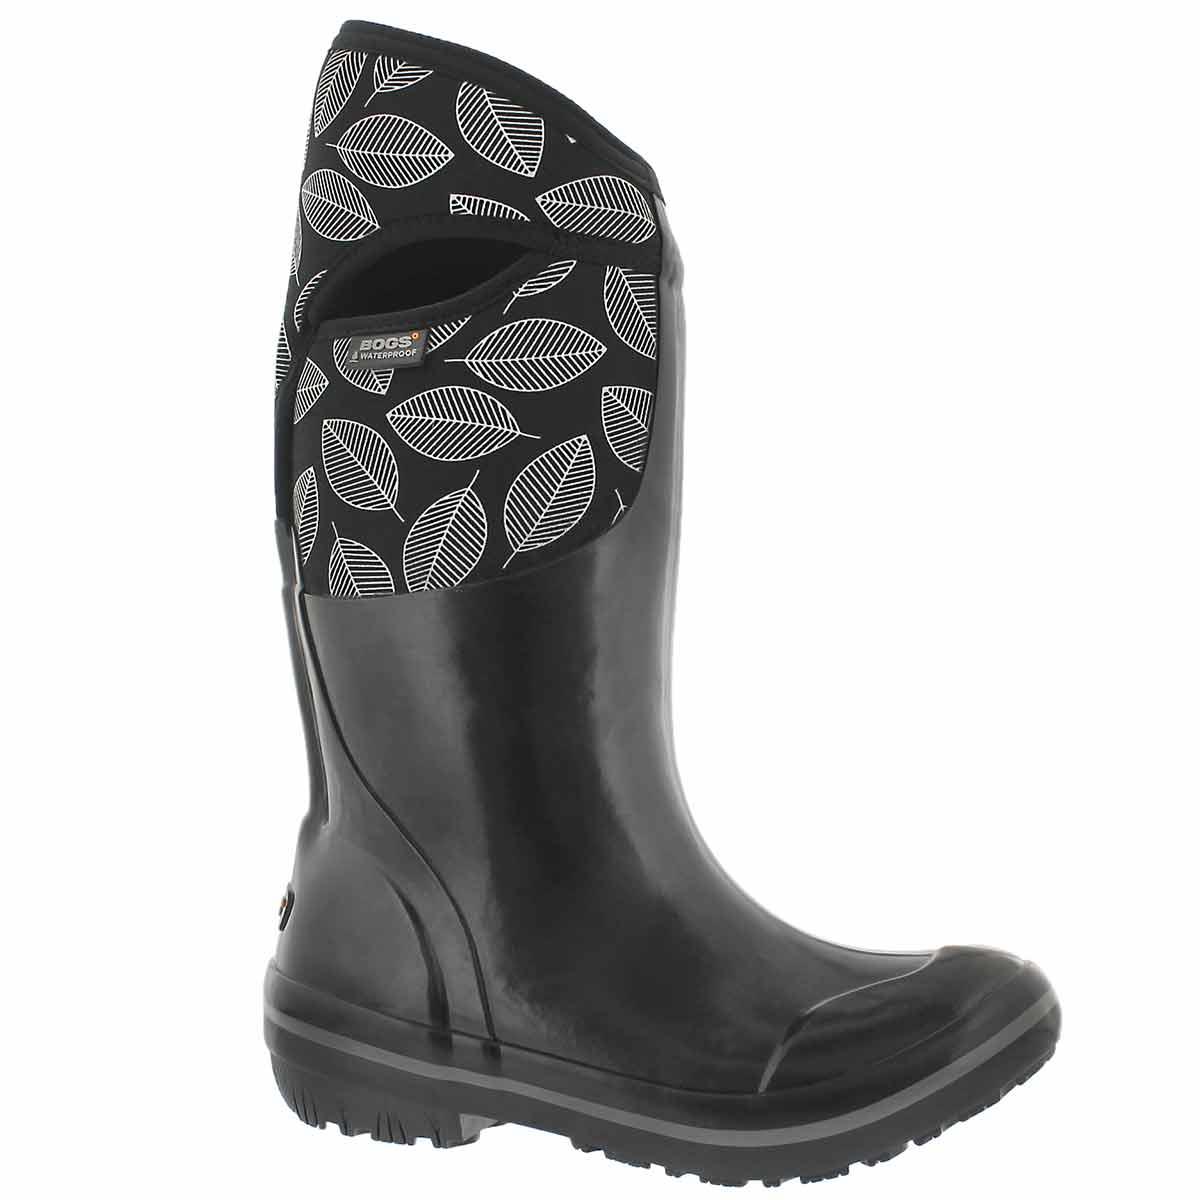 Women's PLIMSOLL LEAFY TALL black wtpf boots